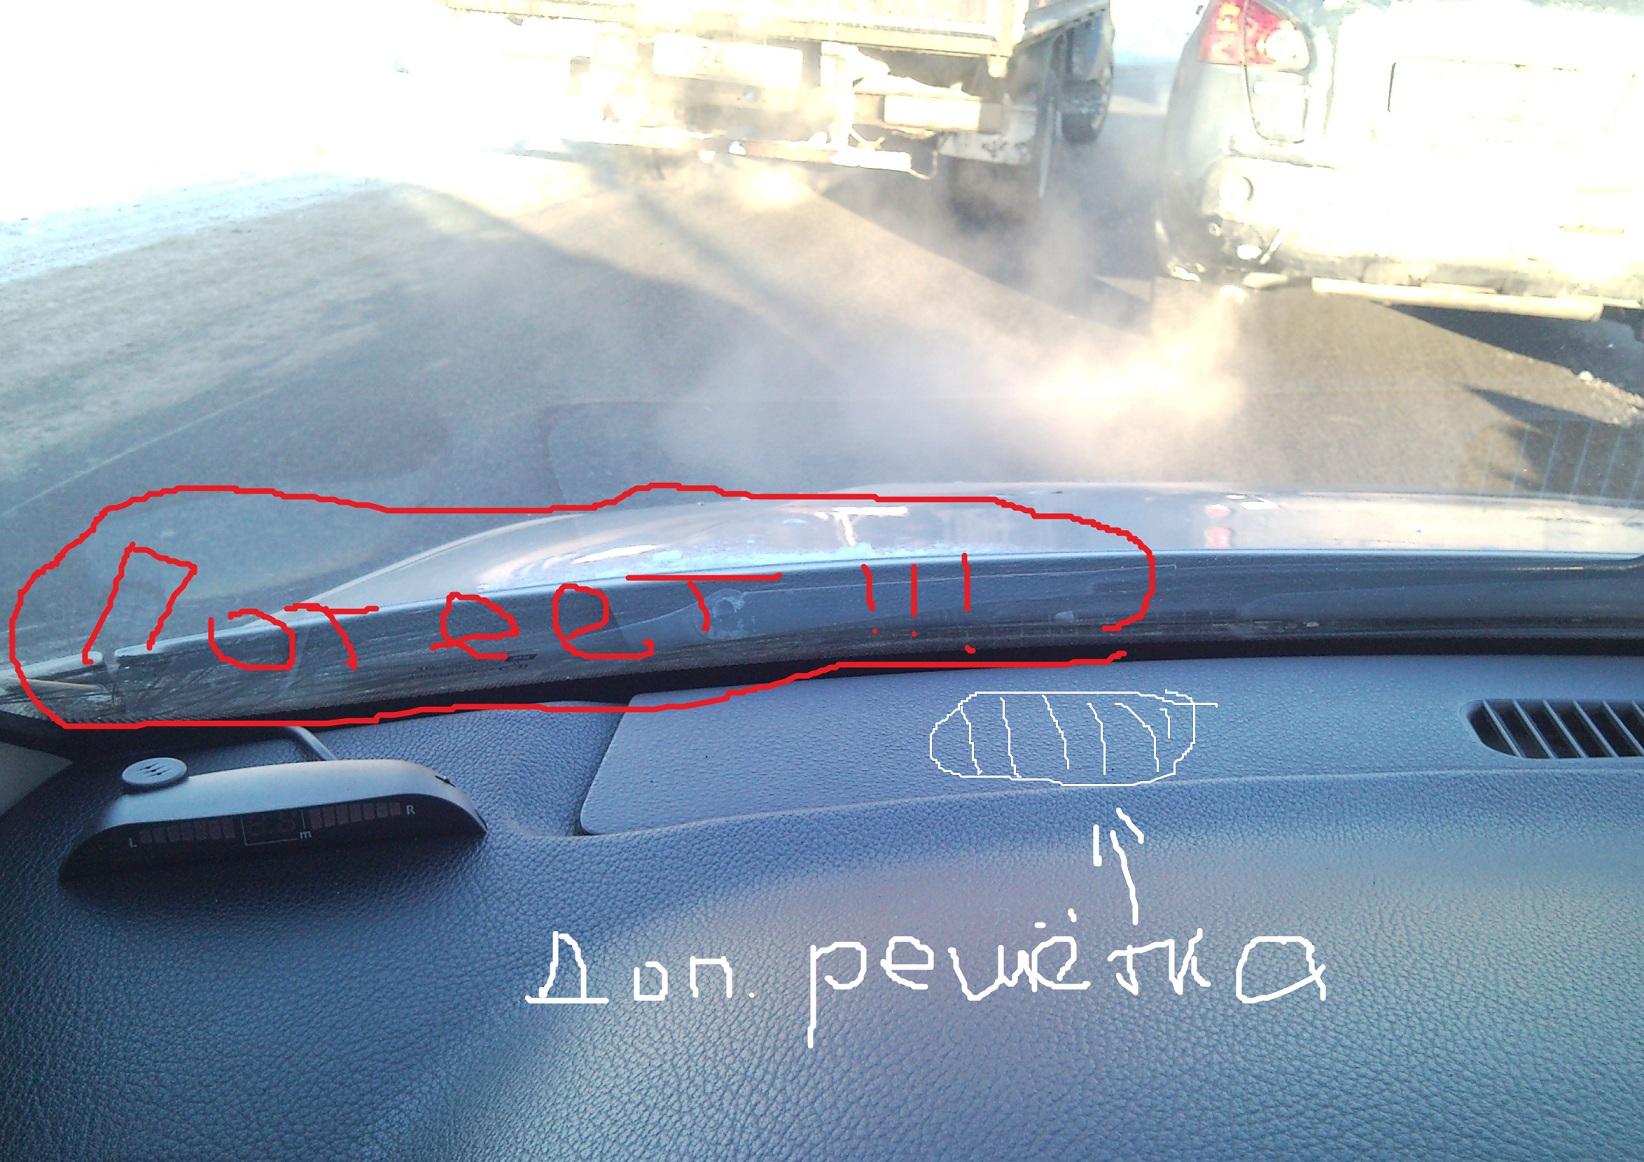 Как бороться с запотеванием стекол в автомобиле. Чтобы стекла в машине 99